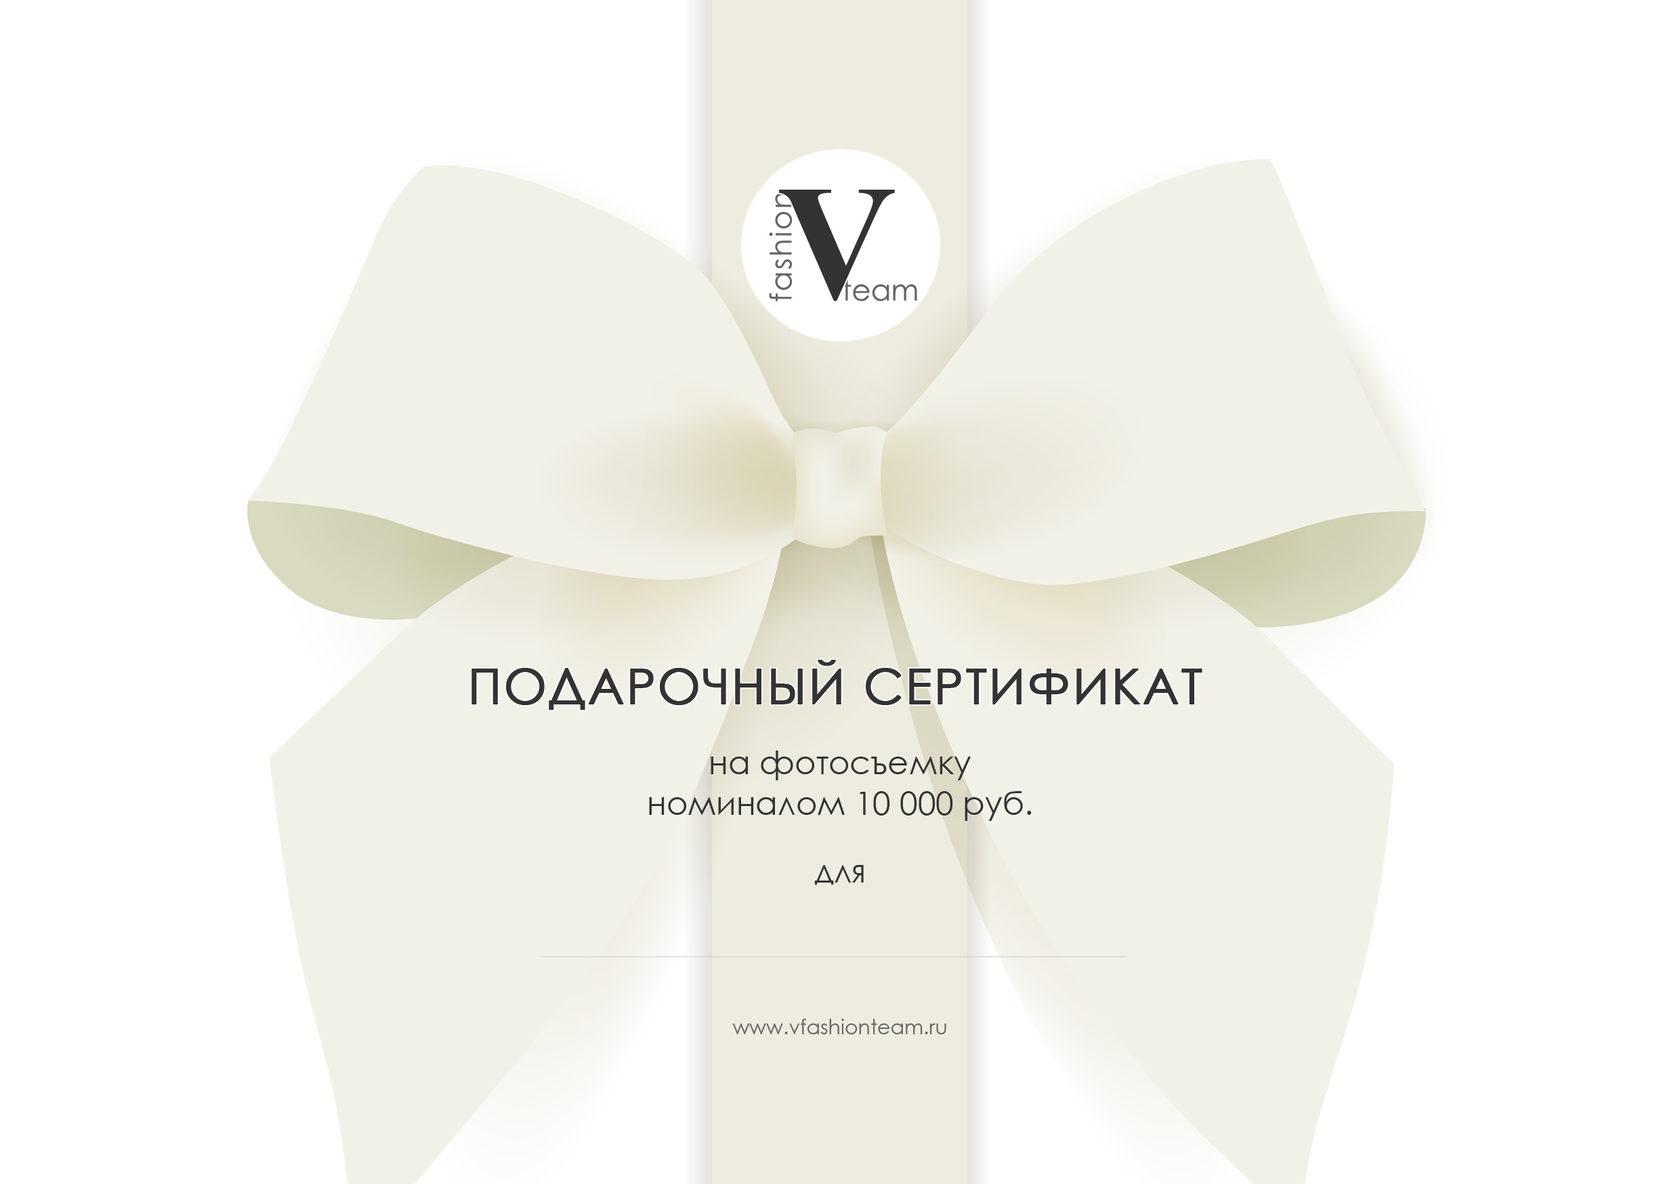 грамота дню подарочный сертификат на фотосессию в спб недорого опухоли